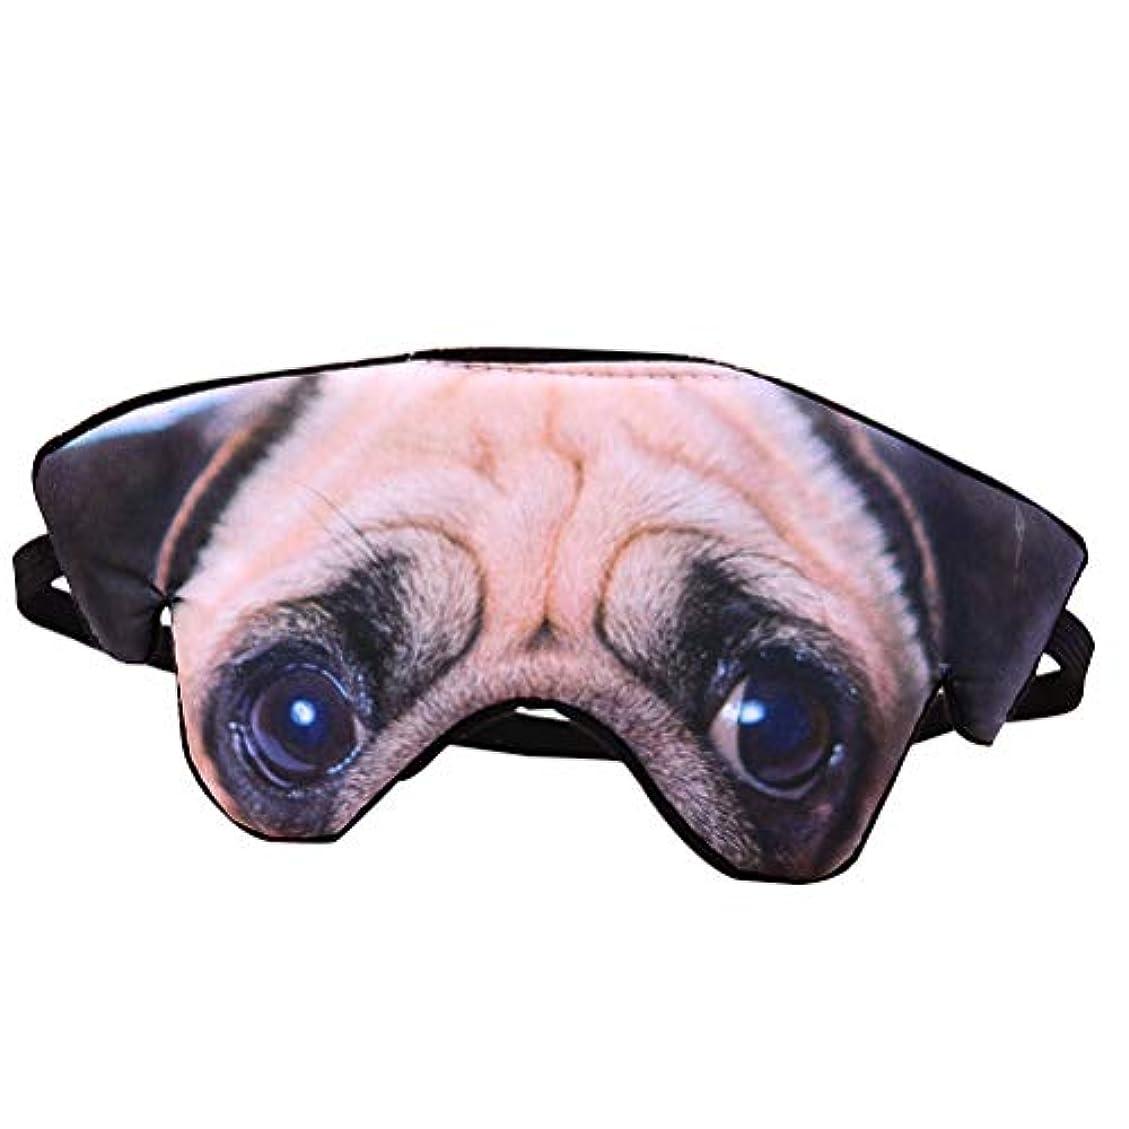 出会い夢中刺すHealifty 3Dアイマスクシェードナップカバー目隠しレストエイド疲労アイパッドスリープゴーグル(Pug)